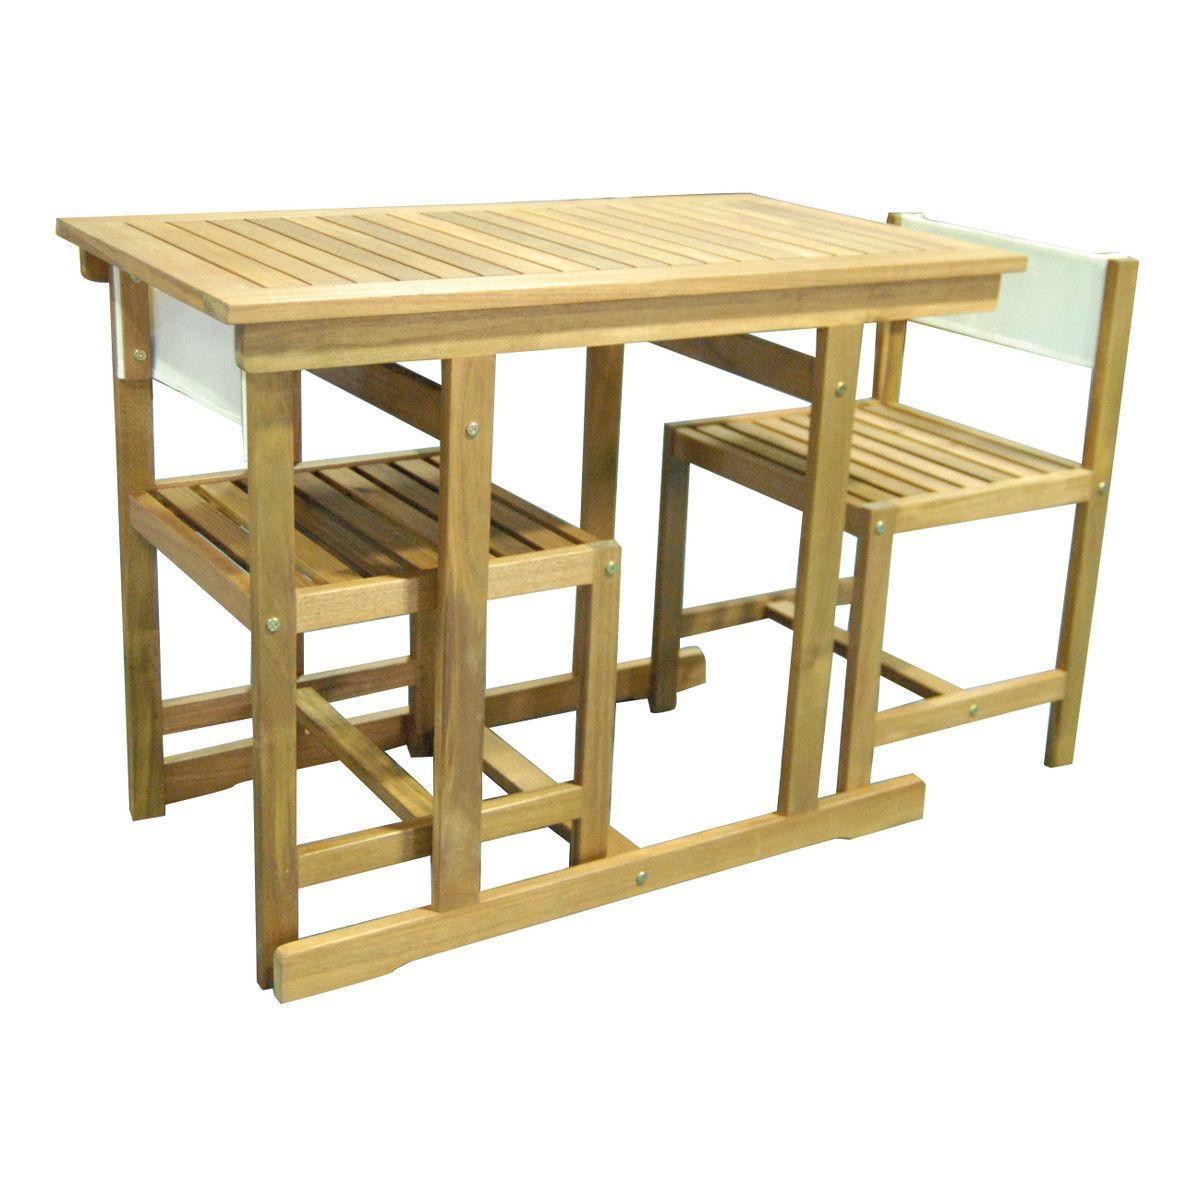 Tavoli E Sedie Giardino Leroy Merlin.Mobile Da Giardino Balcony In Legno Beige 2 Posti Mobili Da